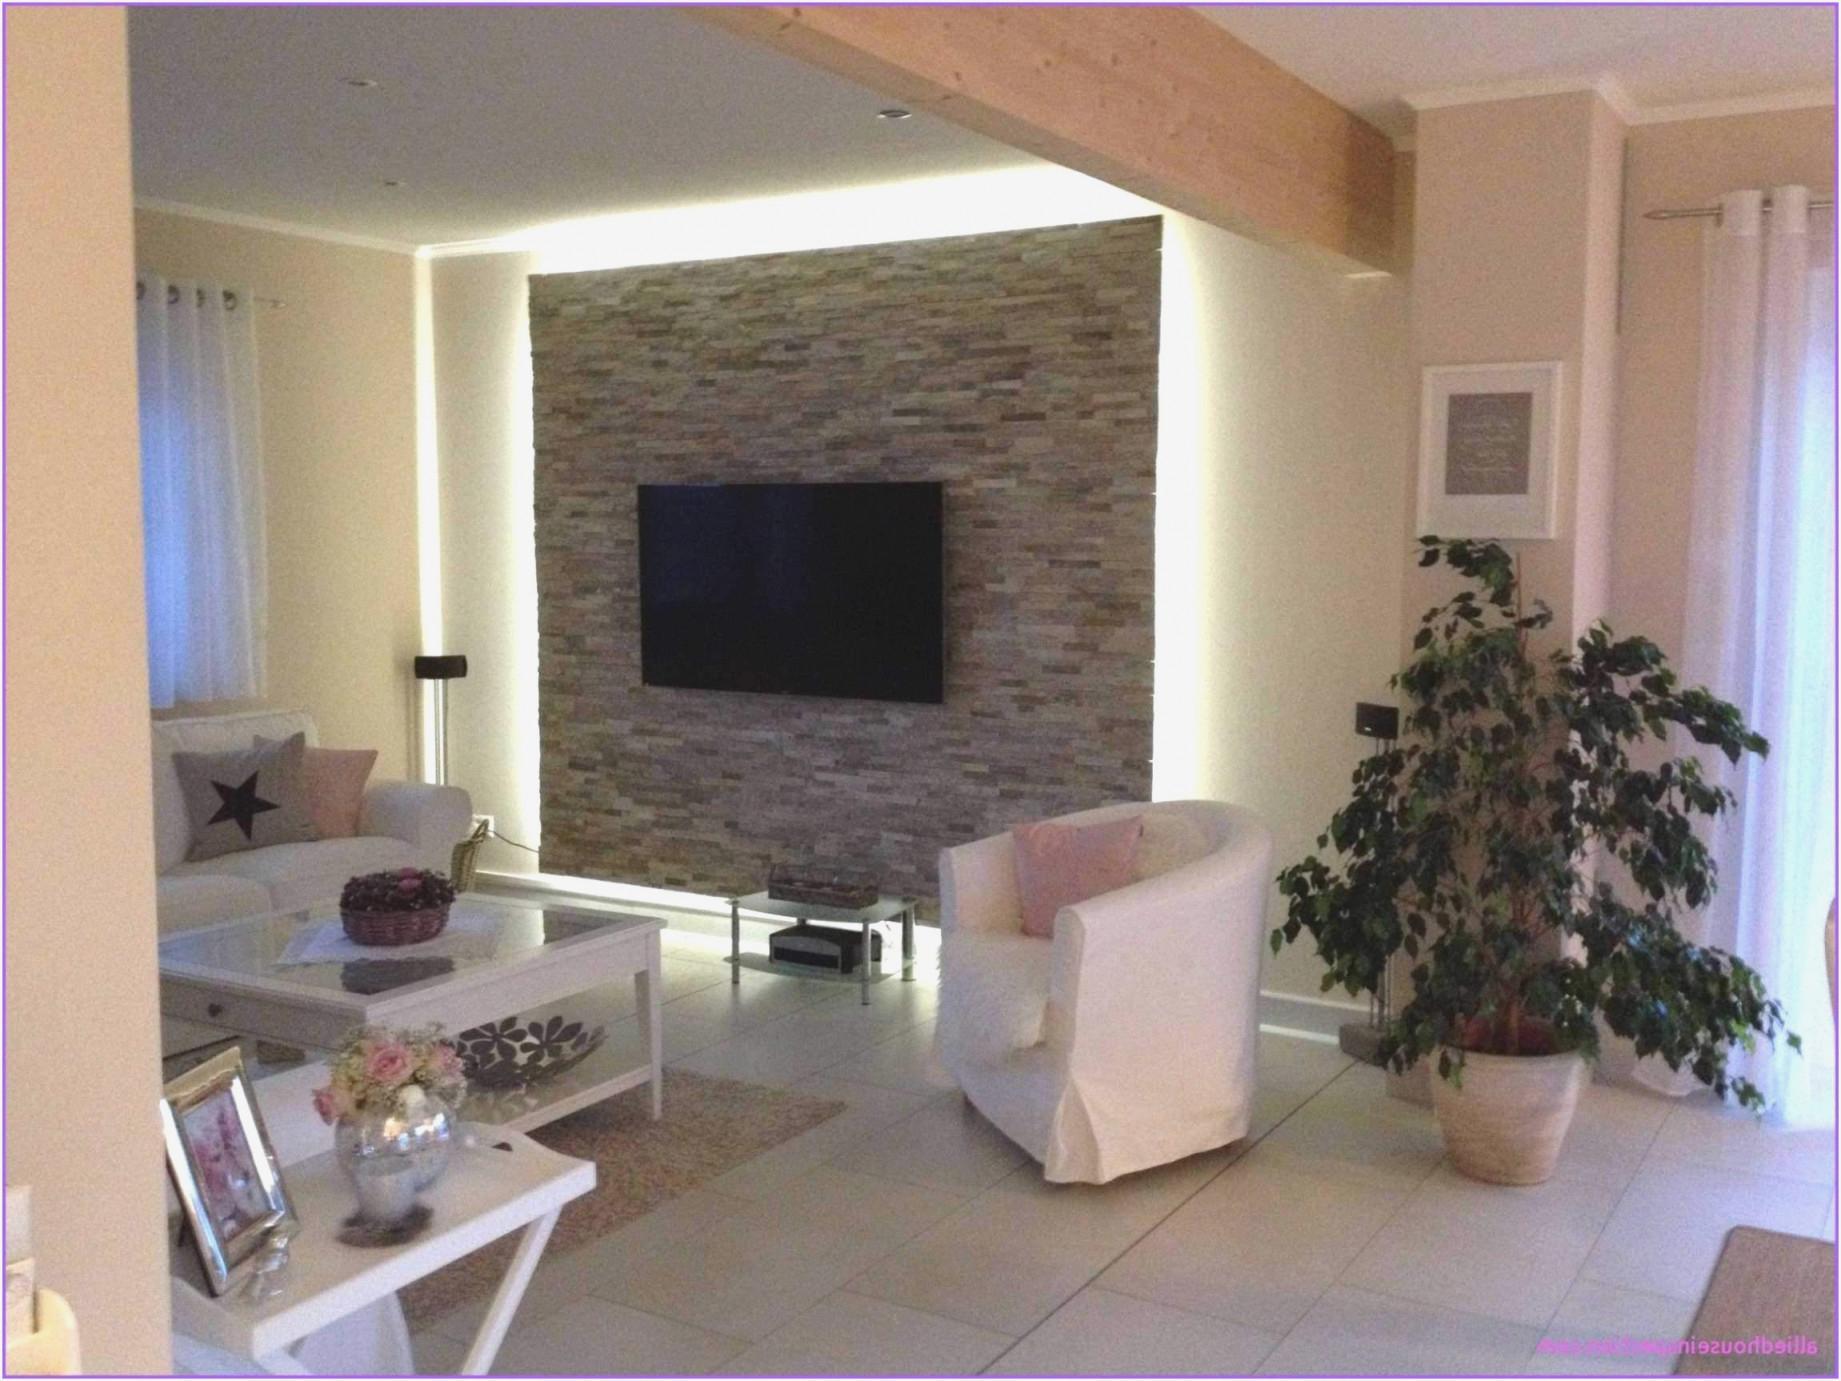 30 Qm Wohnzimmer Einrichten  Wohnzimmer  Traumhaus von 30 Qm Wohnzimmer Einrichten Bild